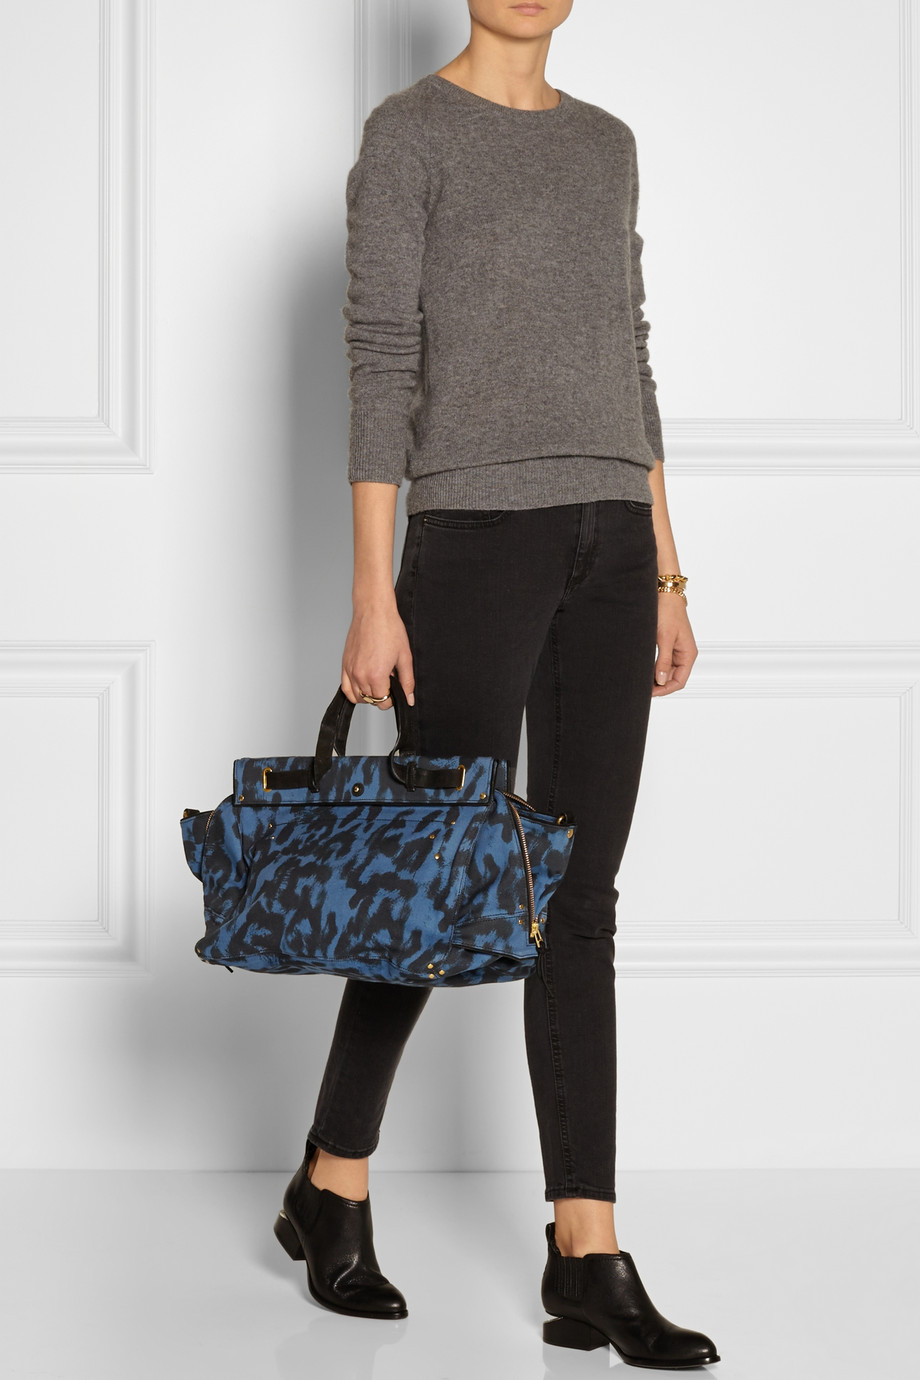 Jerome Dreyfuss Carlos bag via TresChicNow.com #bags #fashion #spring14